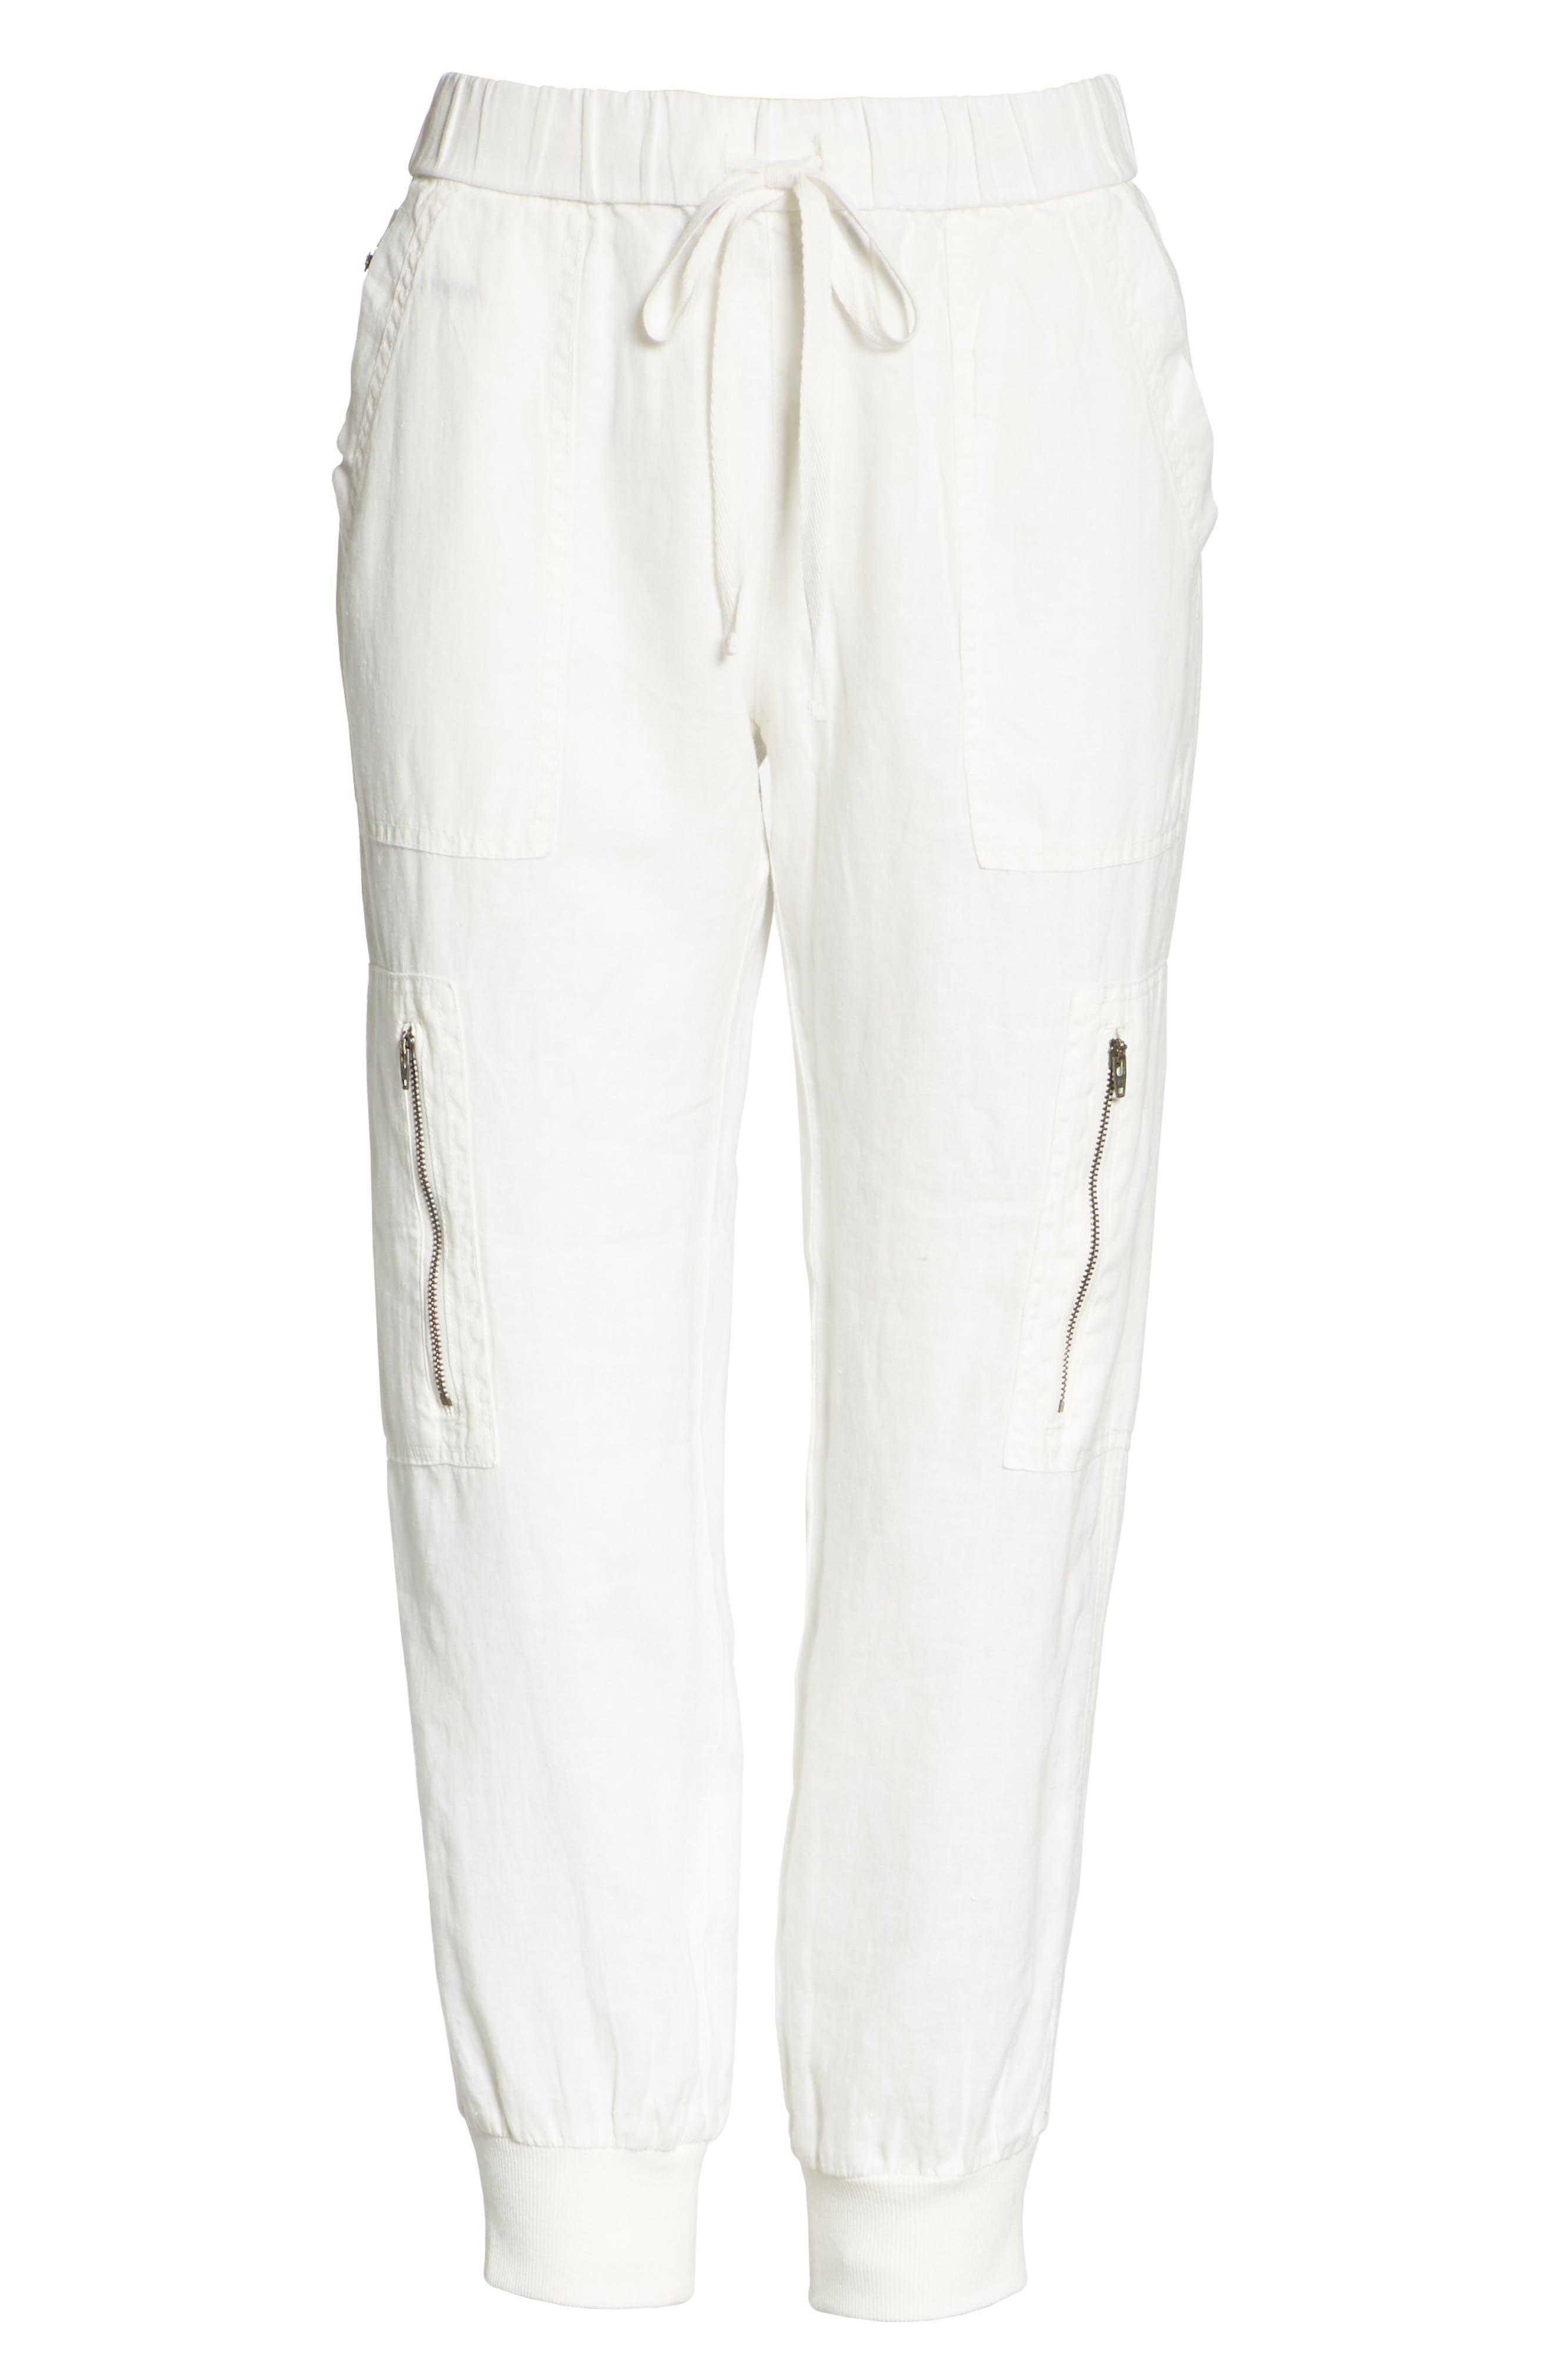 Florimel Crop Linen Jogger Pants,                             Alternate thumbnail 6, color,                             Porcelain